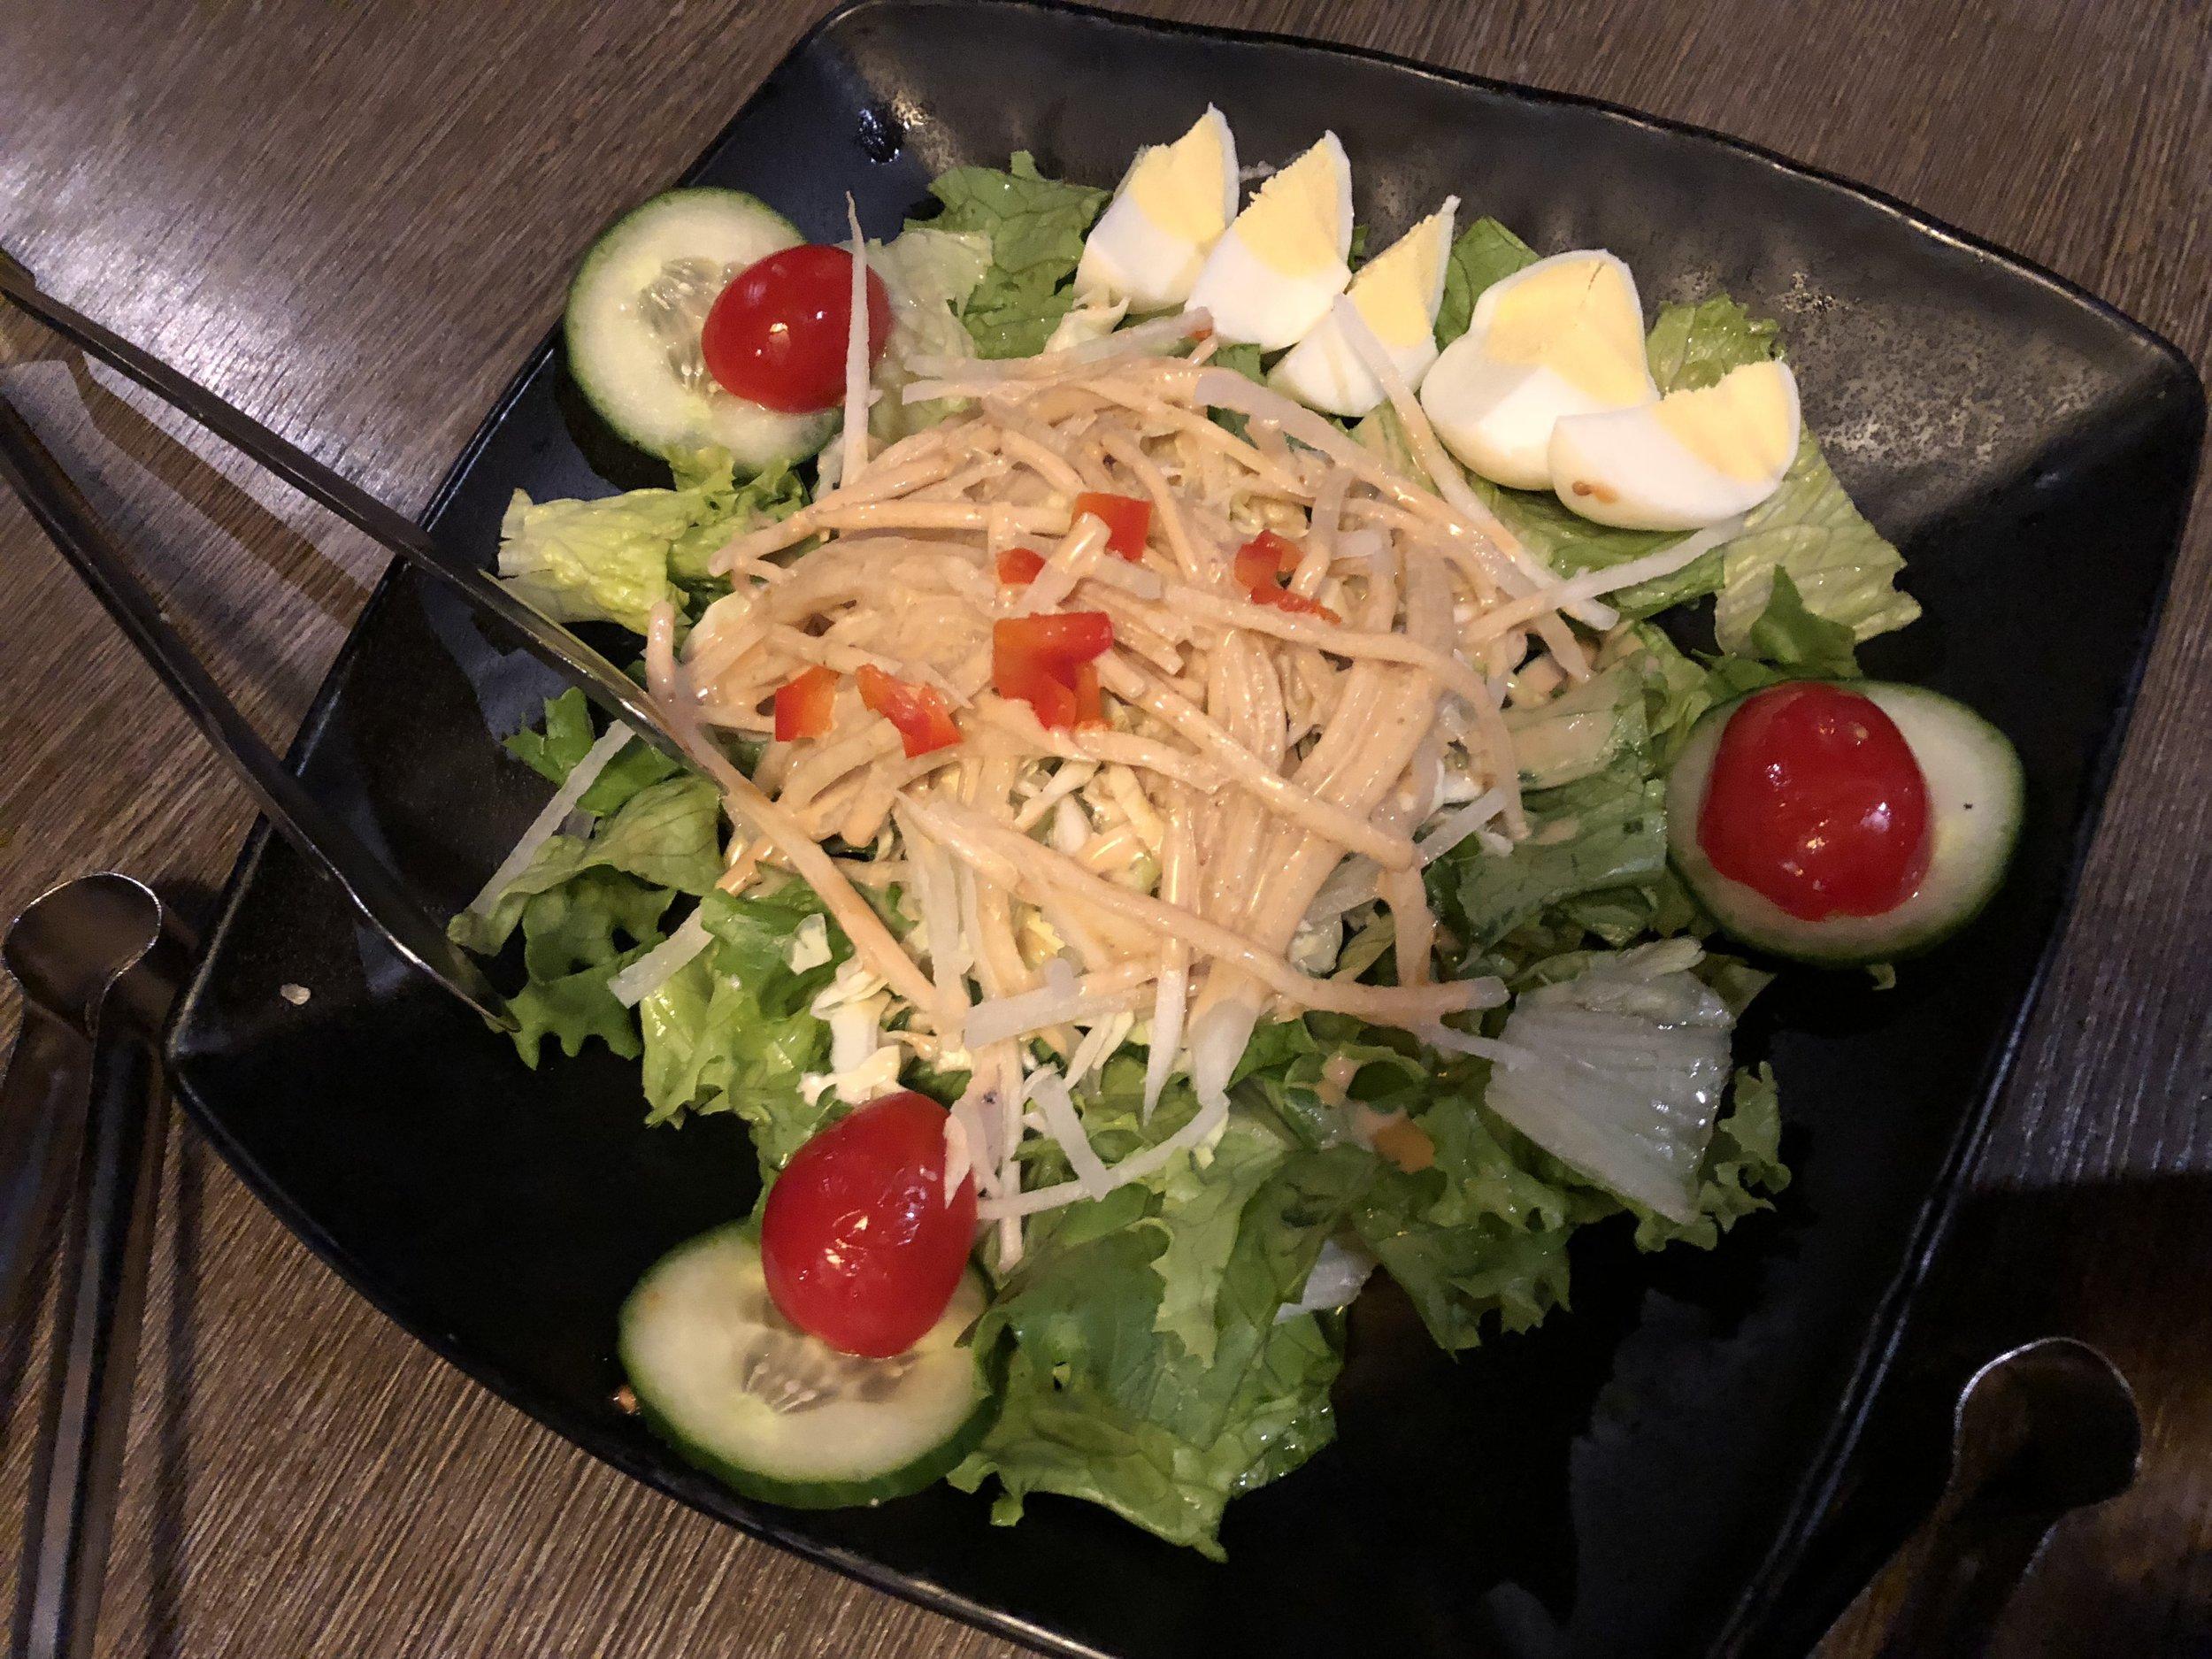 This salad was SOOOO good